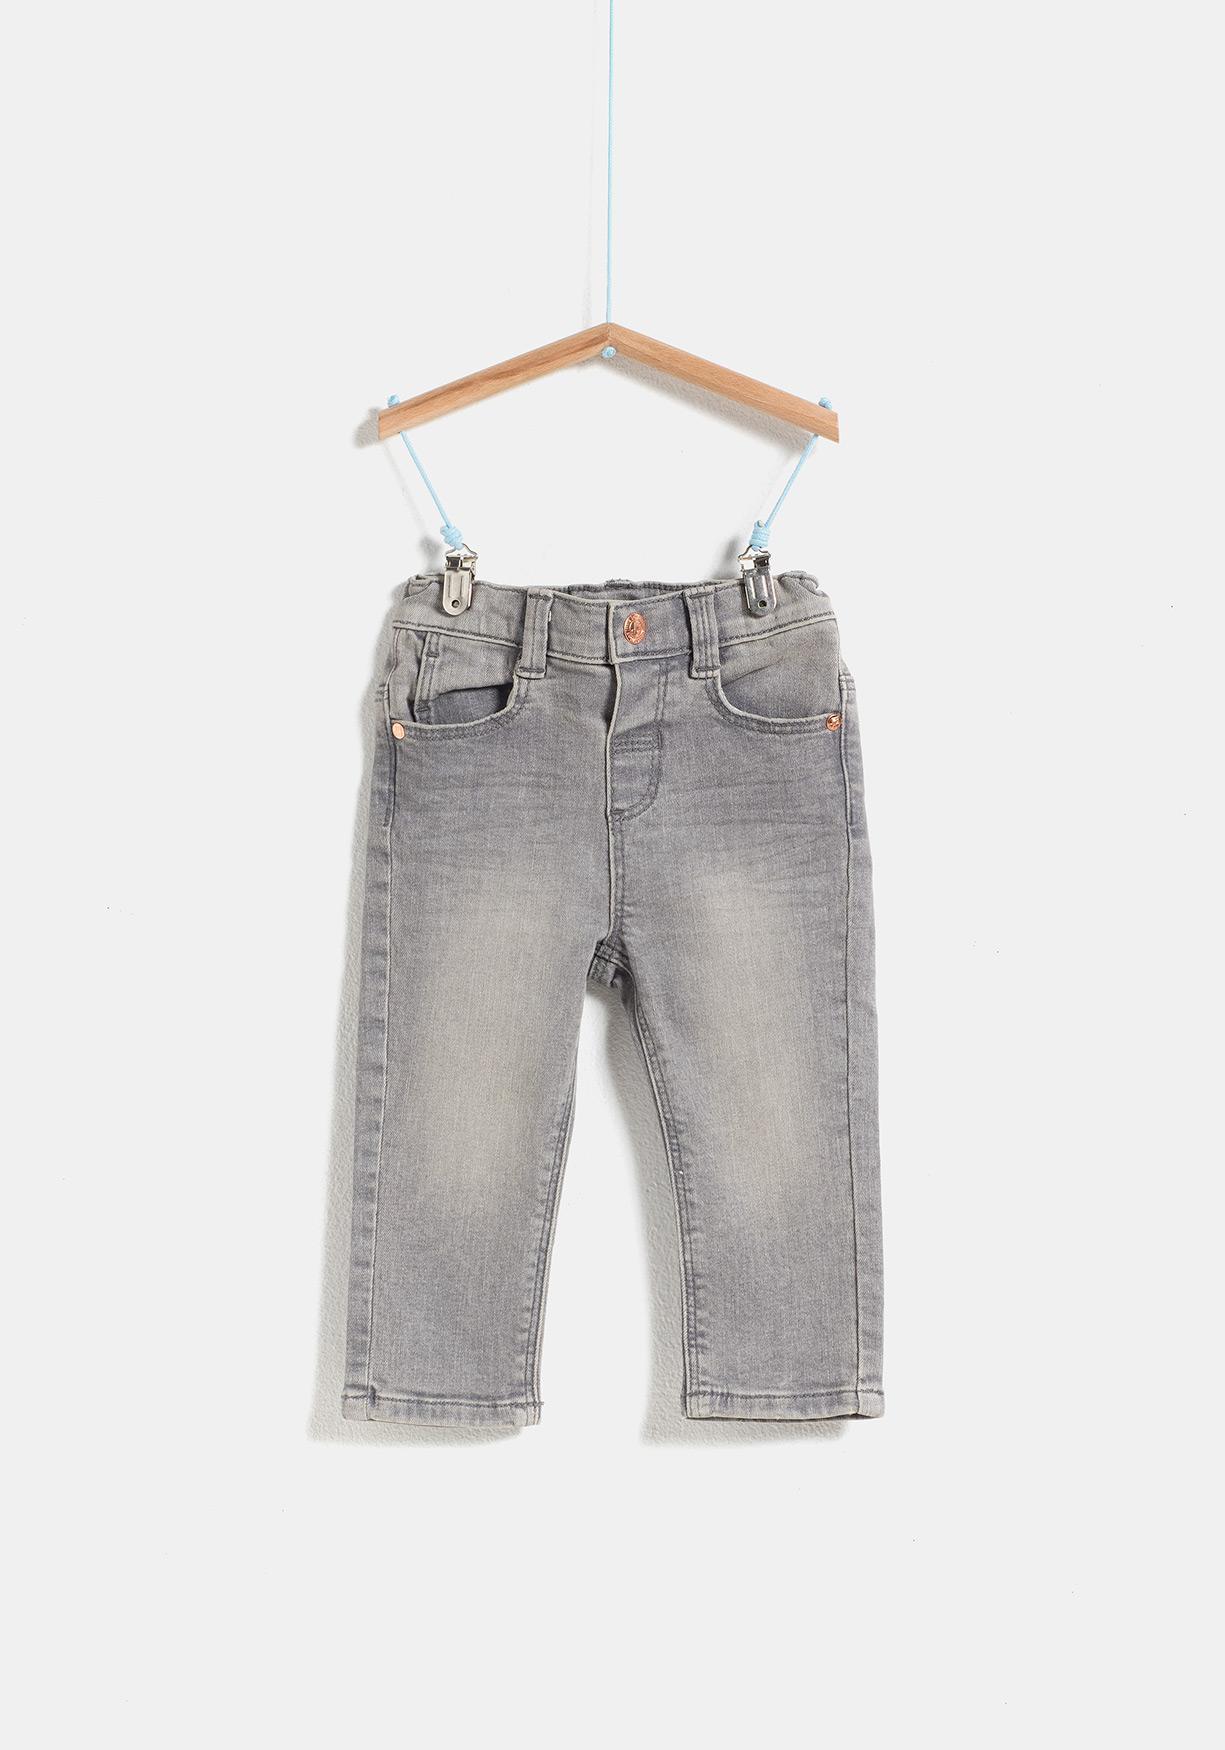 Comprar Pantalón vaquero elástico TEX. ¡Aprovéchate de nuestros ... 8e85c1b8201